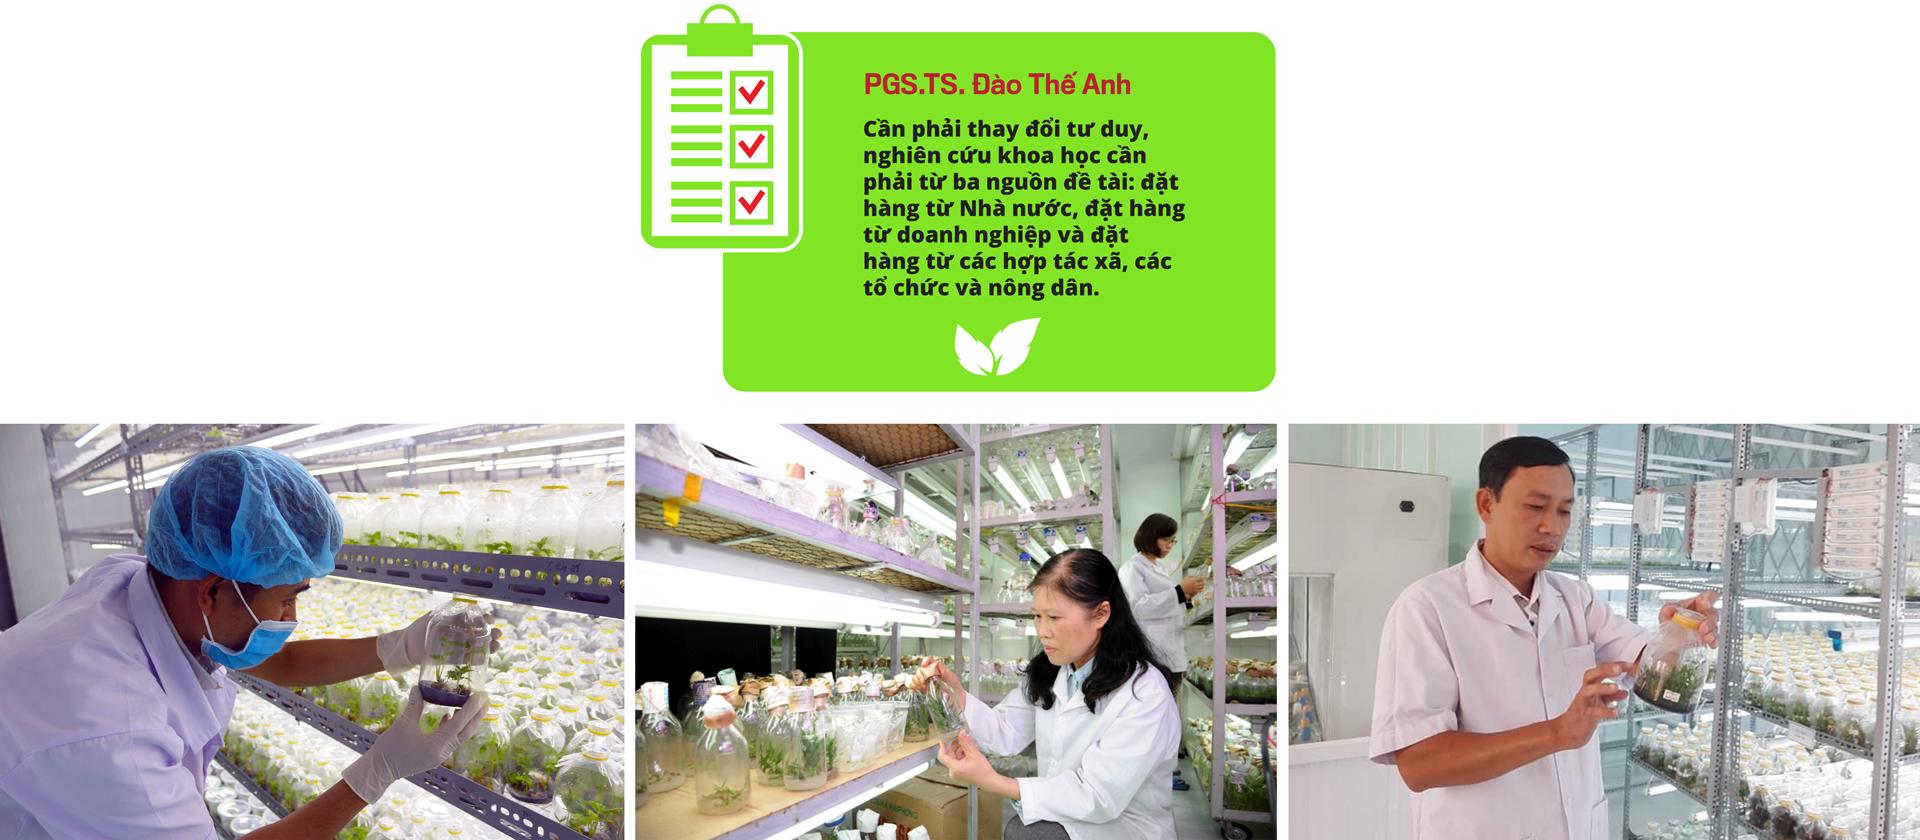 Khoảng trống lớn giữa cầu và cung khoa học nông nghiệp - Ảnh 5